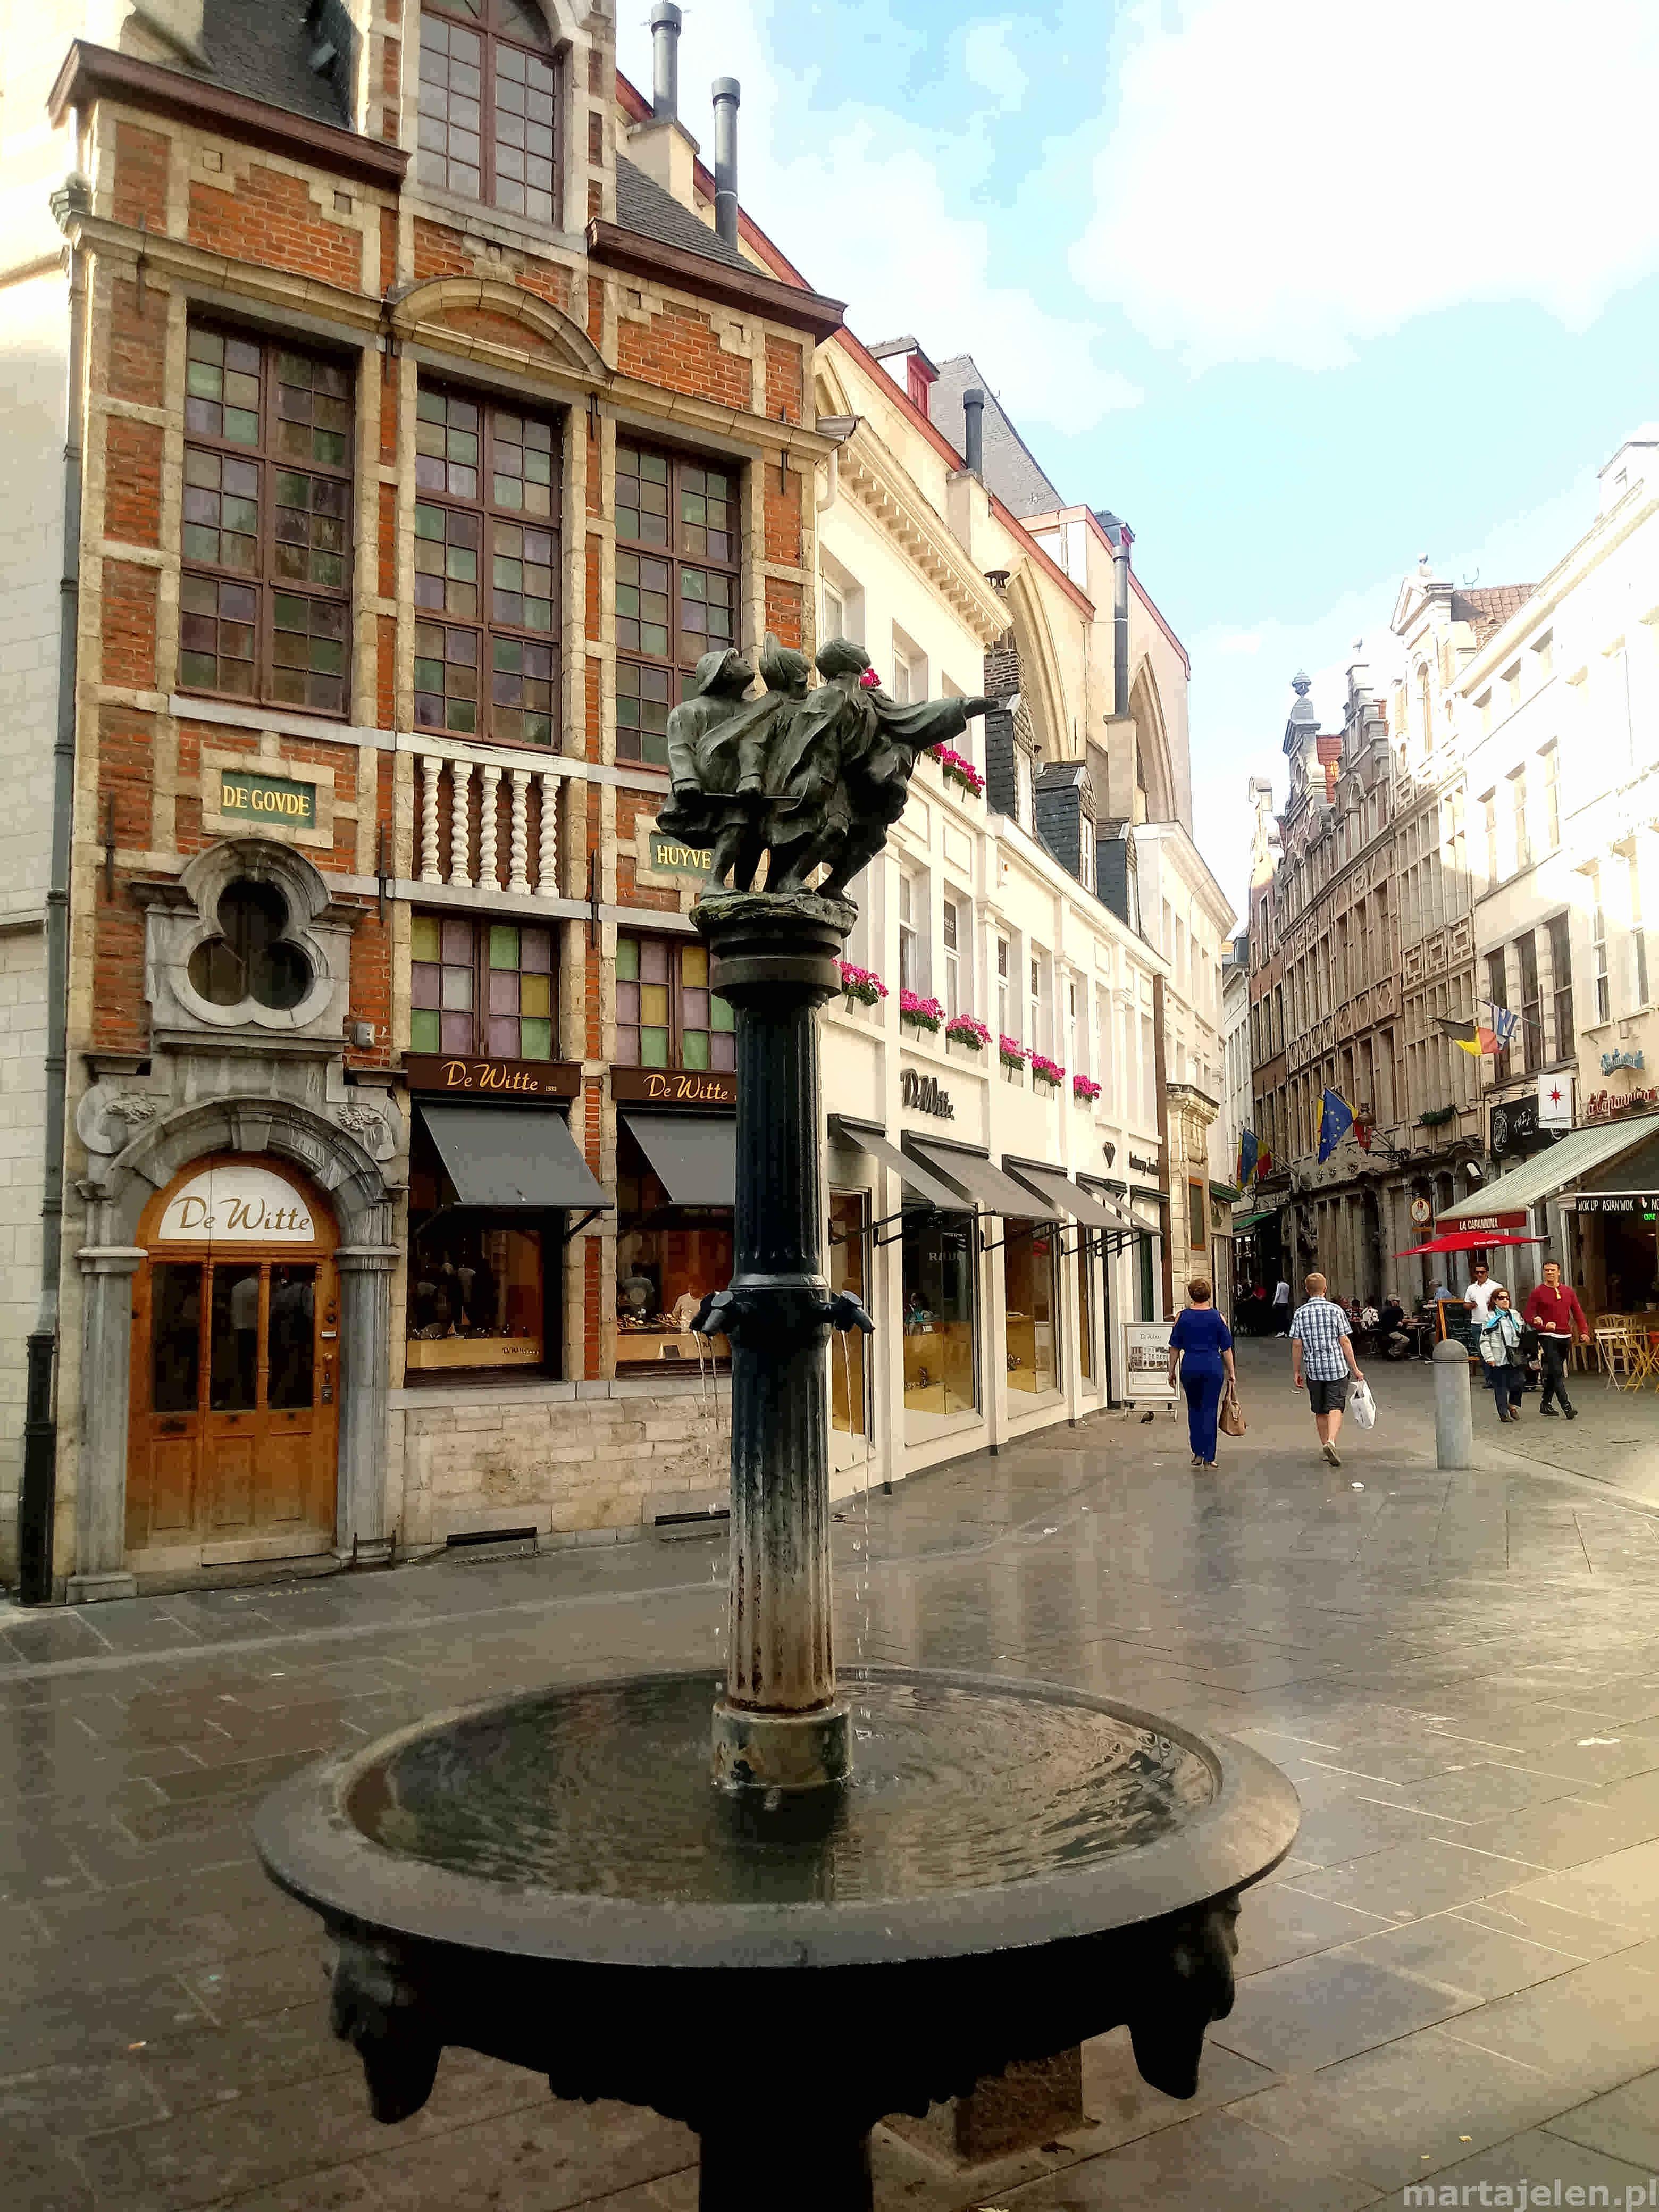 Widok na ciekawą fontannę znajdującą się na skrzyżowaniu uliczek starego miasta